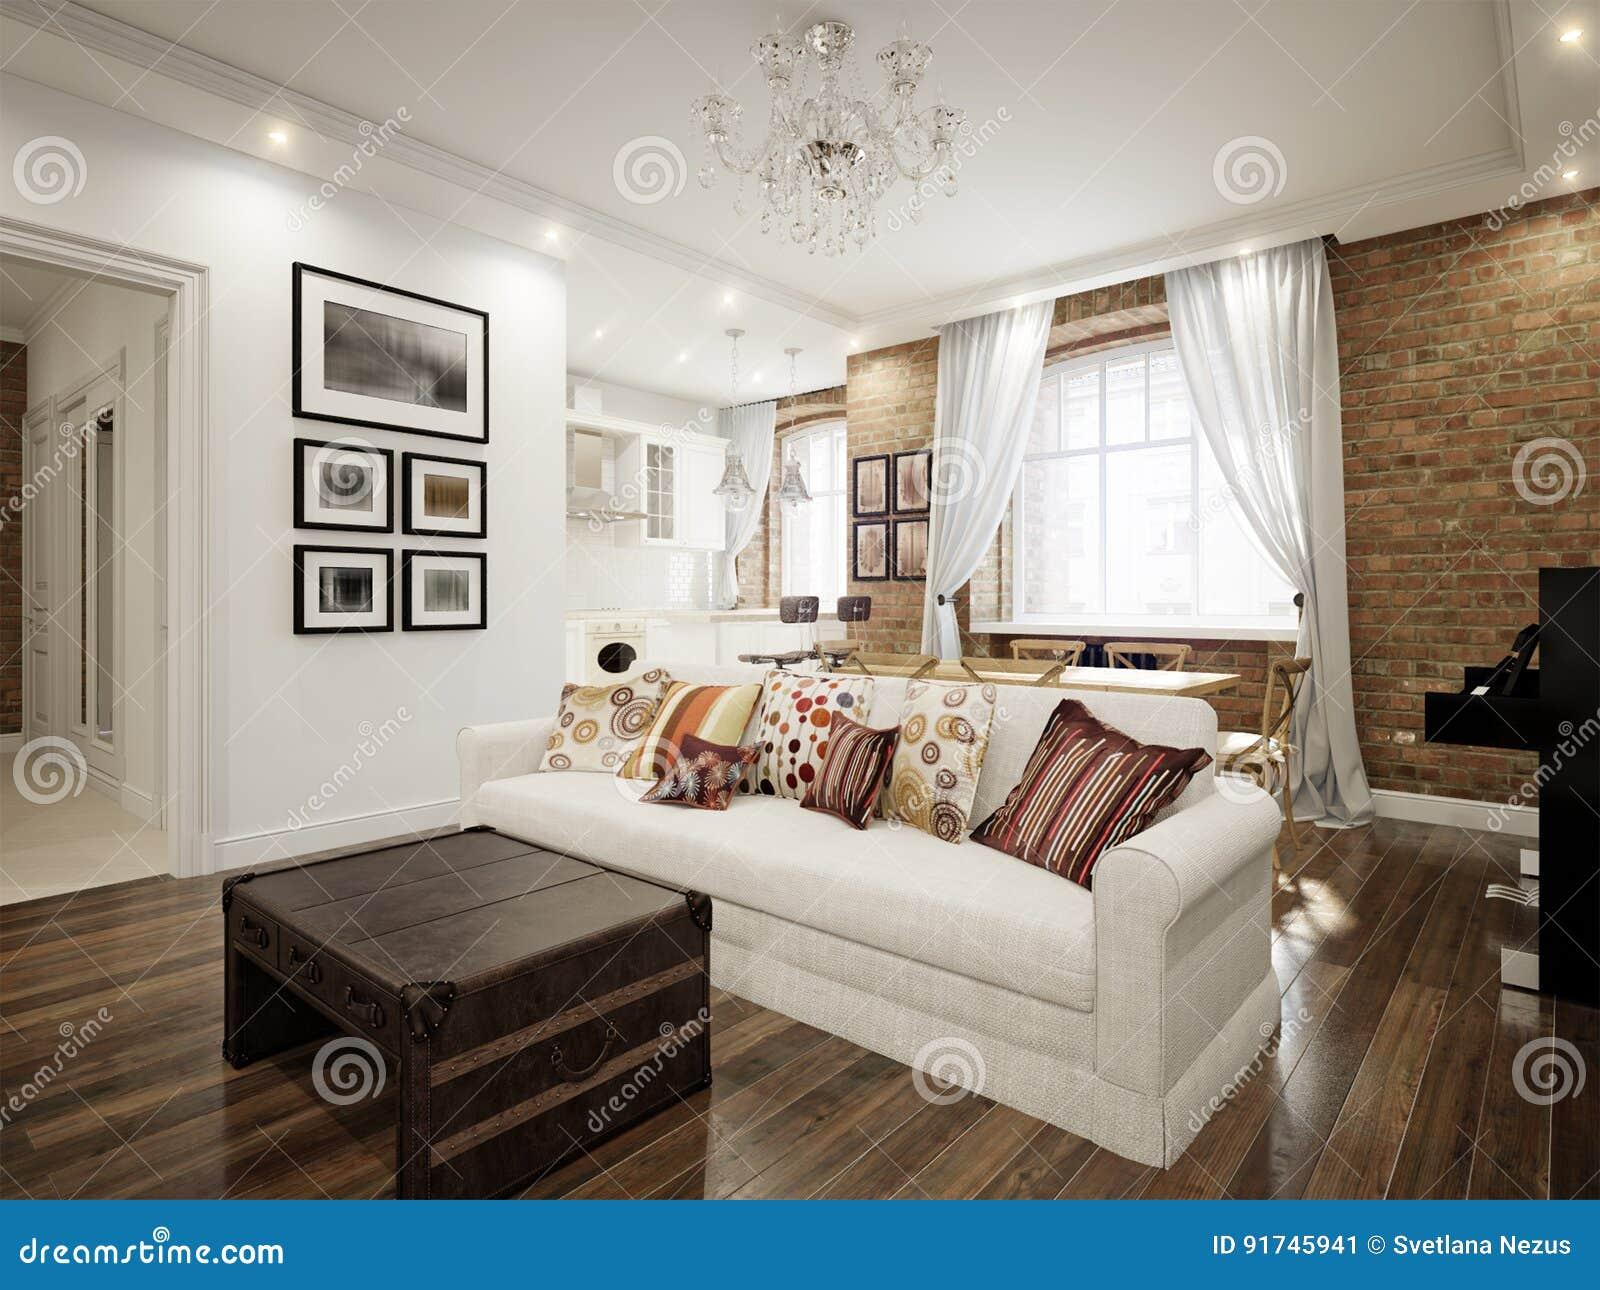 Moderne Traditionele Woonkamer : Moderne klassieke traditionele witte woonkamer stock illustratie